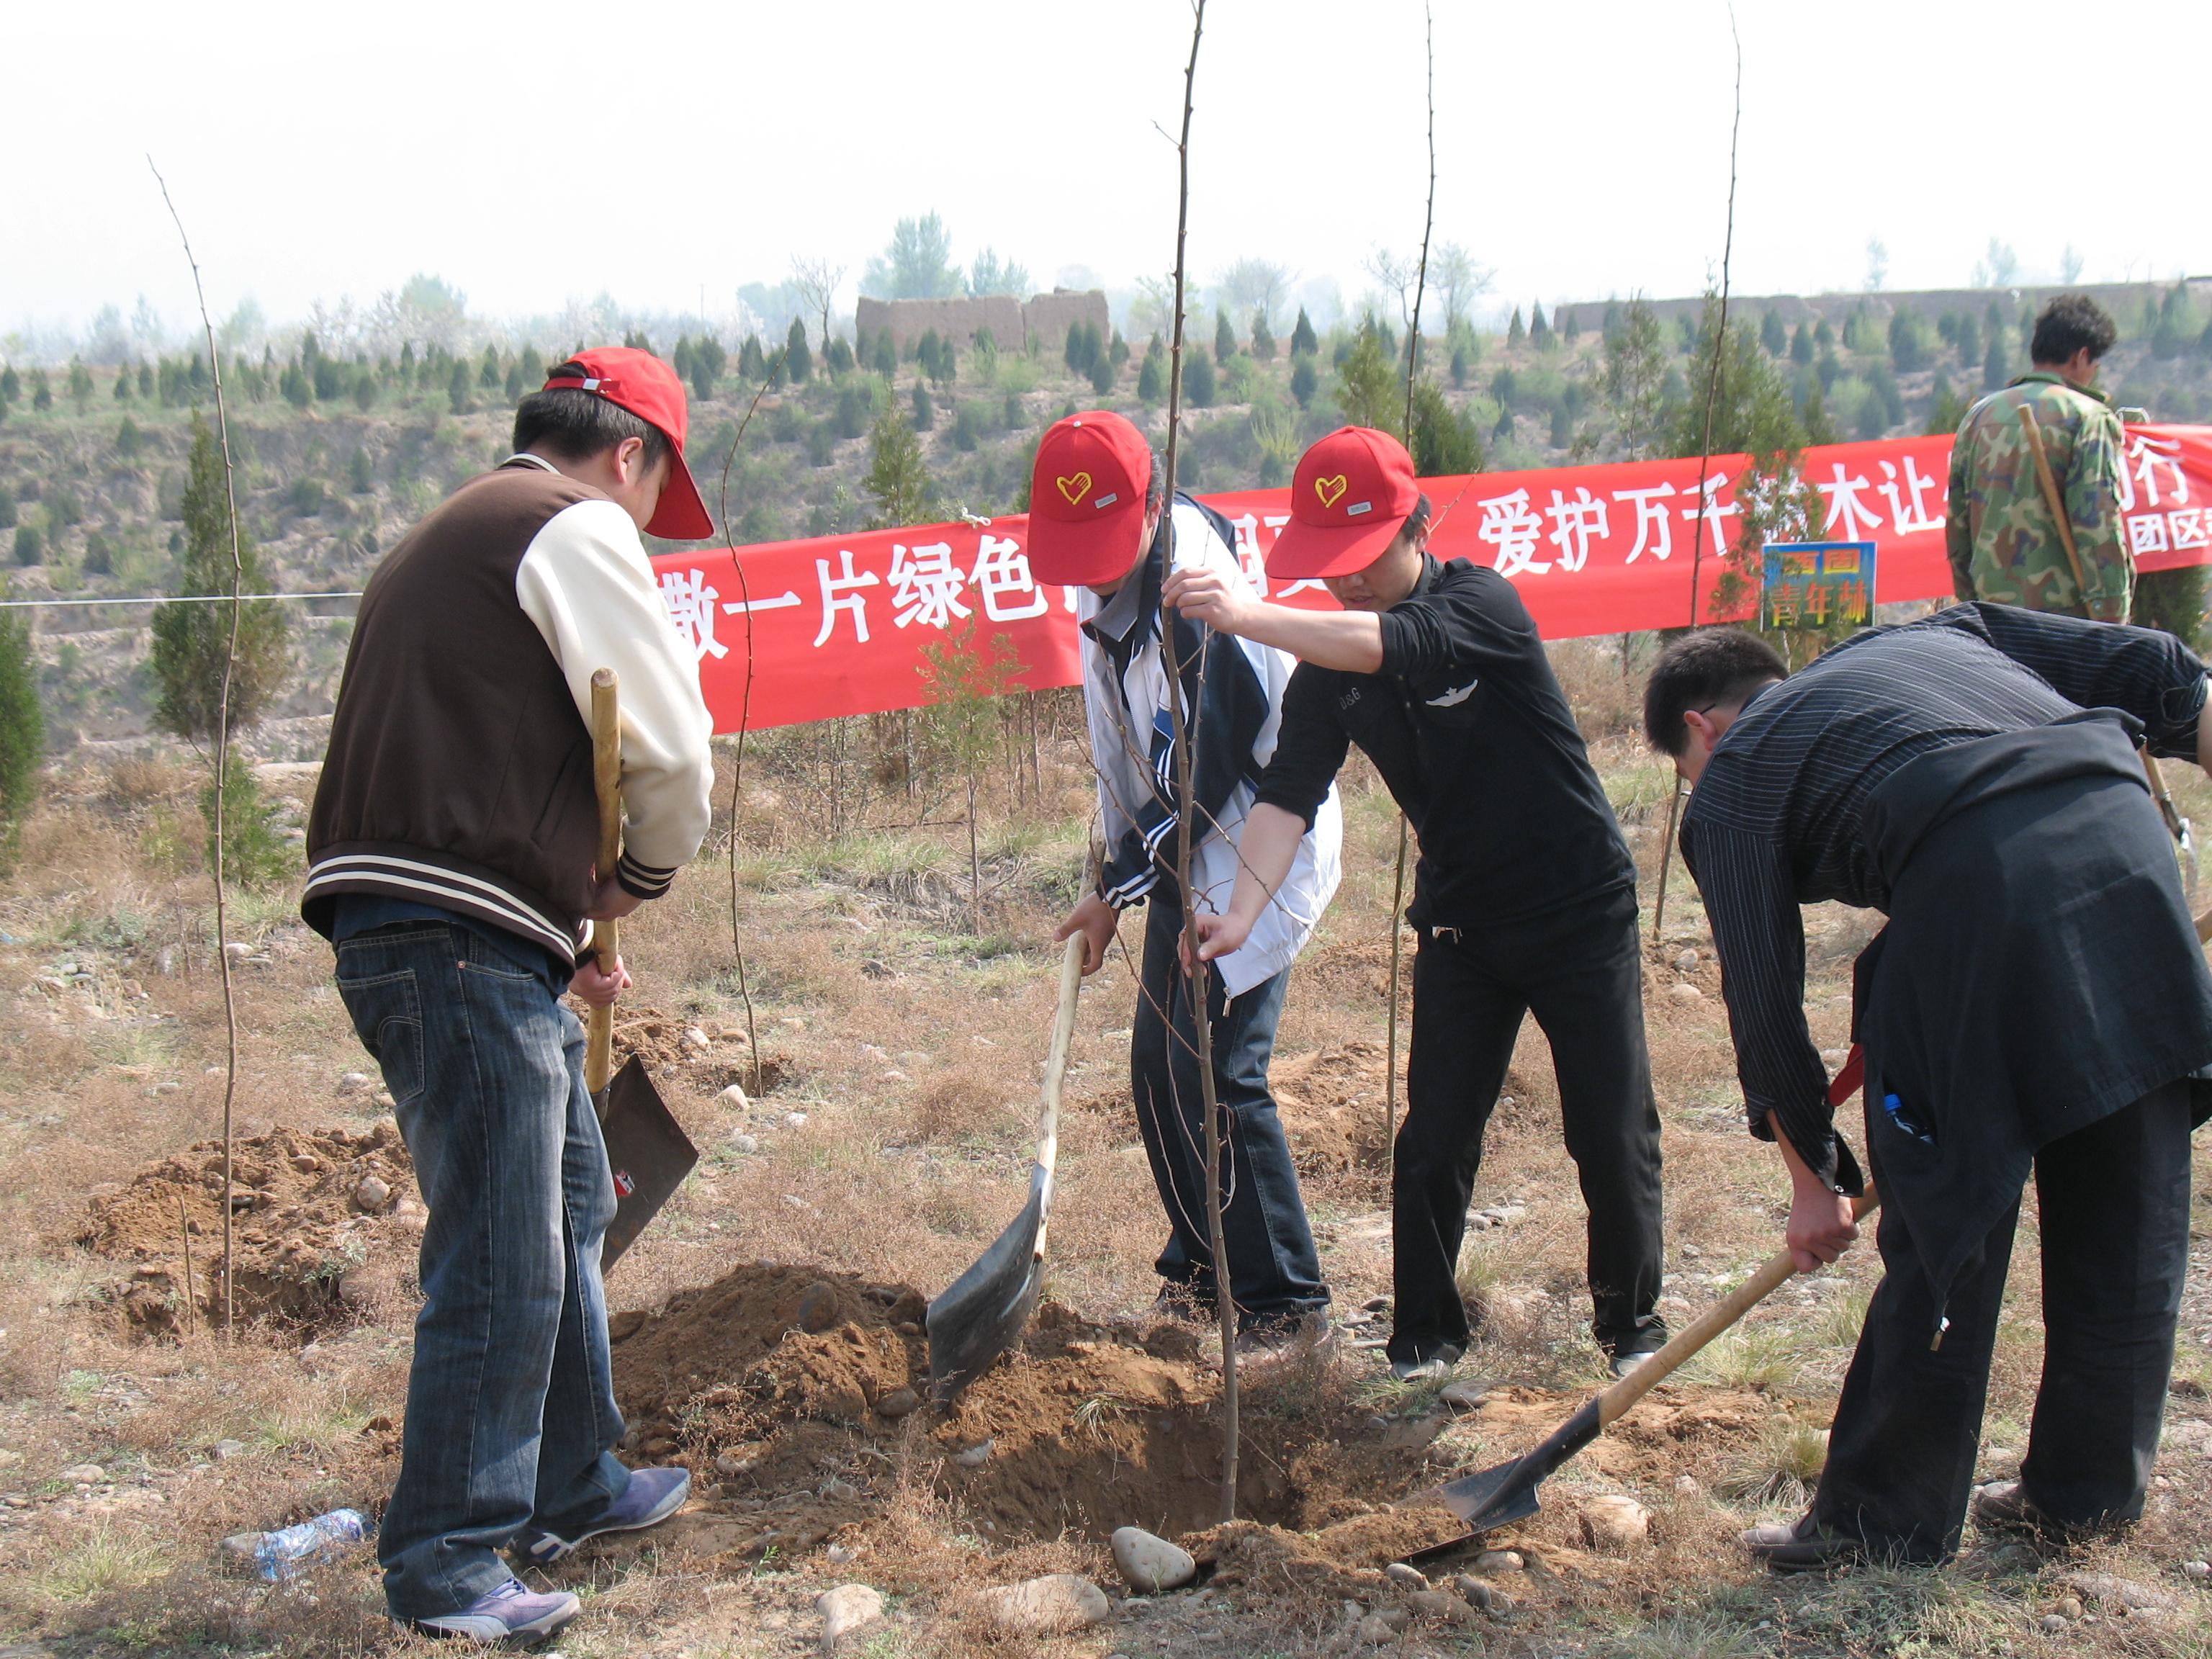 开展义务植树活动是青年志愿服务活动的一项重要内容,旨在全面深化植树护绿活动和生态文化宣传活动。此次活动不仅植下了一片绿色,更是在志愿者心中植下了建设生态文明意识,为建设美丽和谐西固增添一份新绿。广大志愿者纷纷表示,作为新一代的有志青年,有责任为环境绿化和创建绿色园区做出自己的贡献;希望通过自己的实际行动号召身边更多的人参与植树造林公益活动,增强人们的环境保护意识、绿色文明意识,推动全区生态环境的改善。